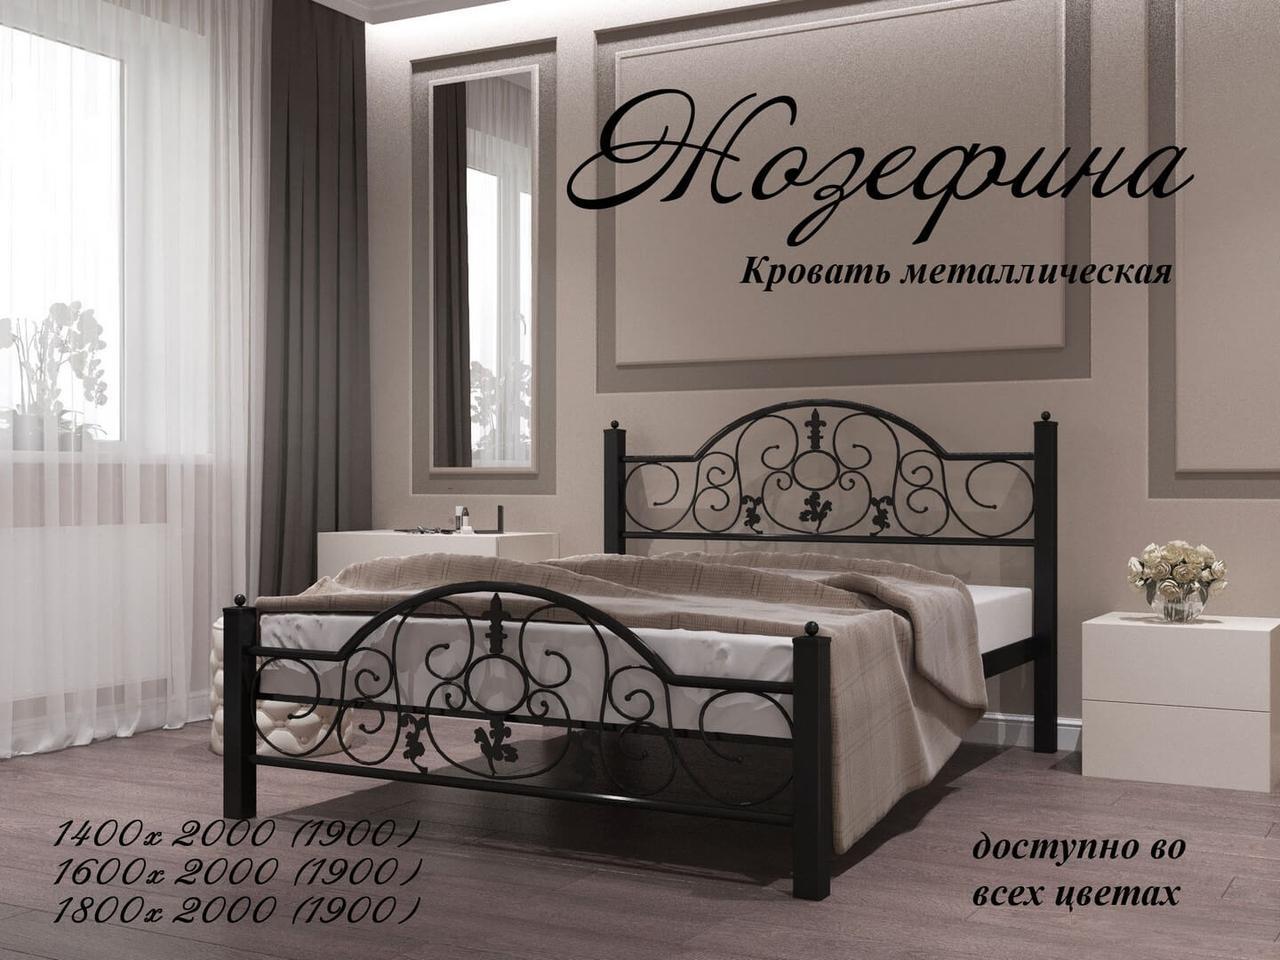 Кровать металлическая Жозефина Металл-Дизайн / Metall Design